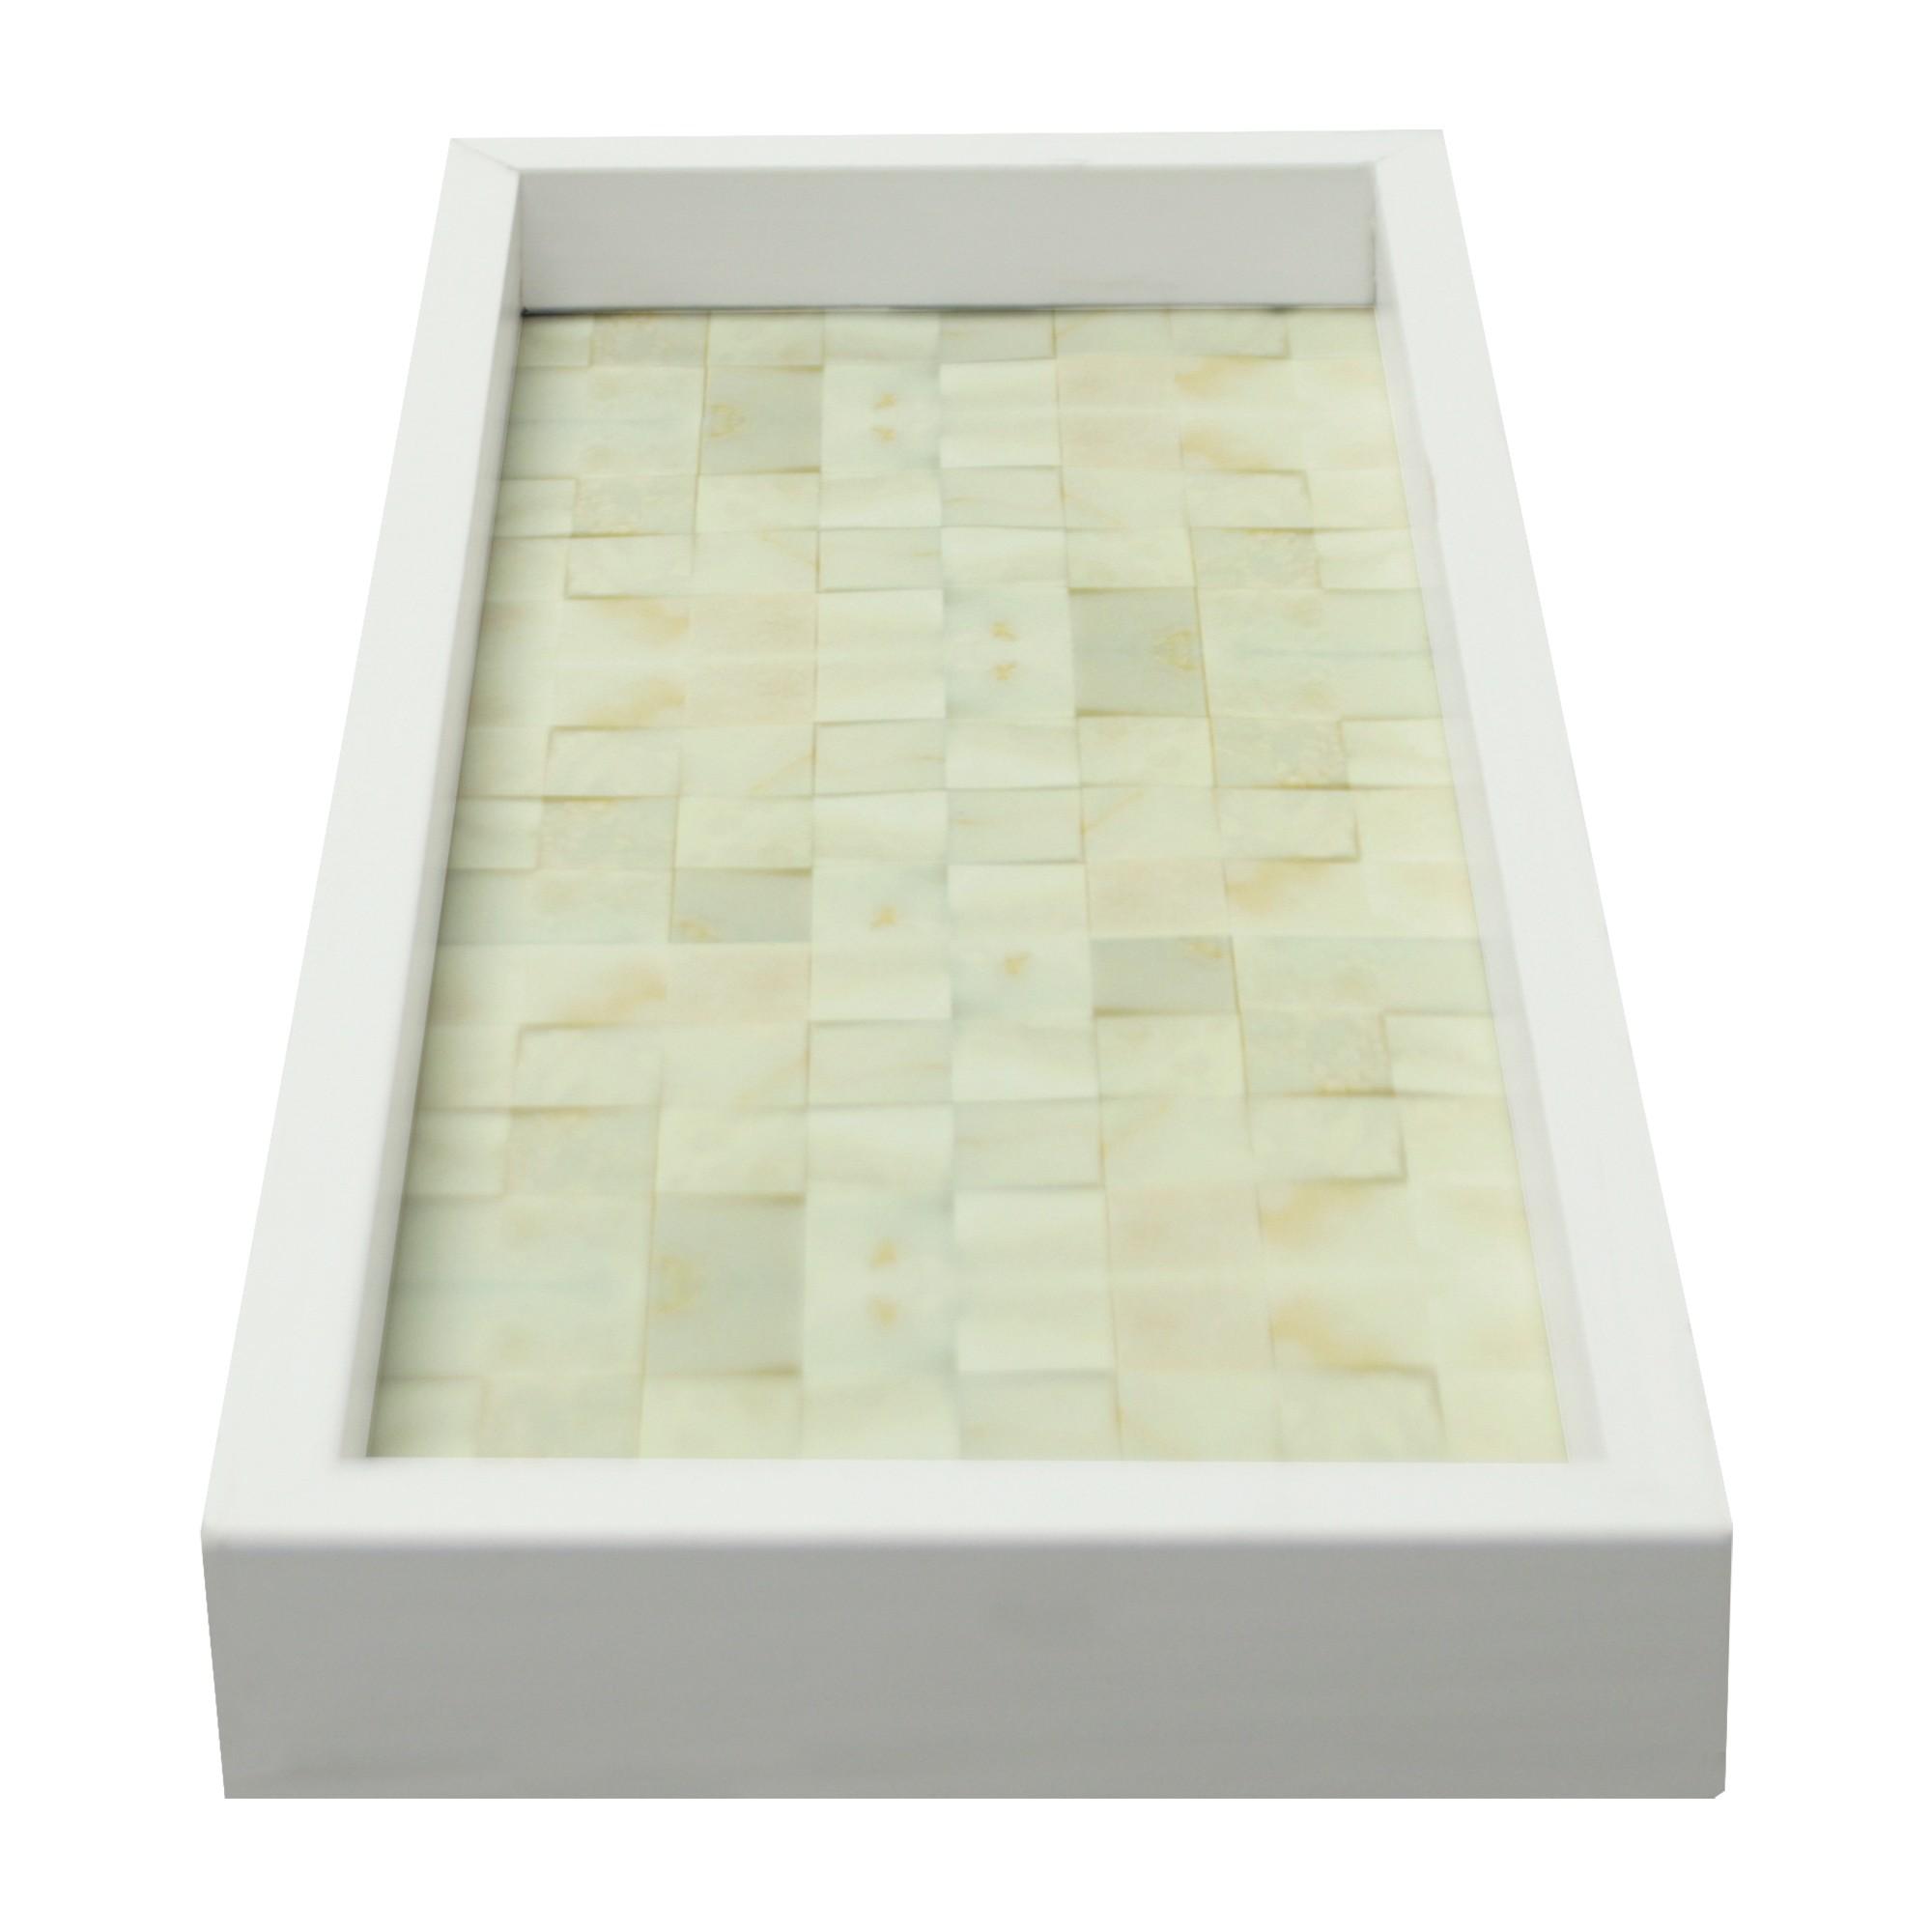 Bandeja Lavabo MDF e Vidro 15x30 cm Branca - Kapos